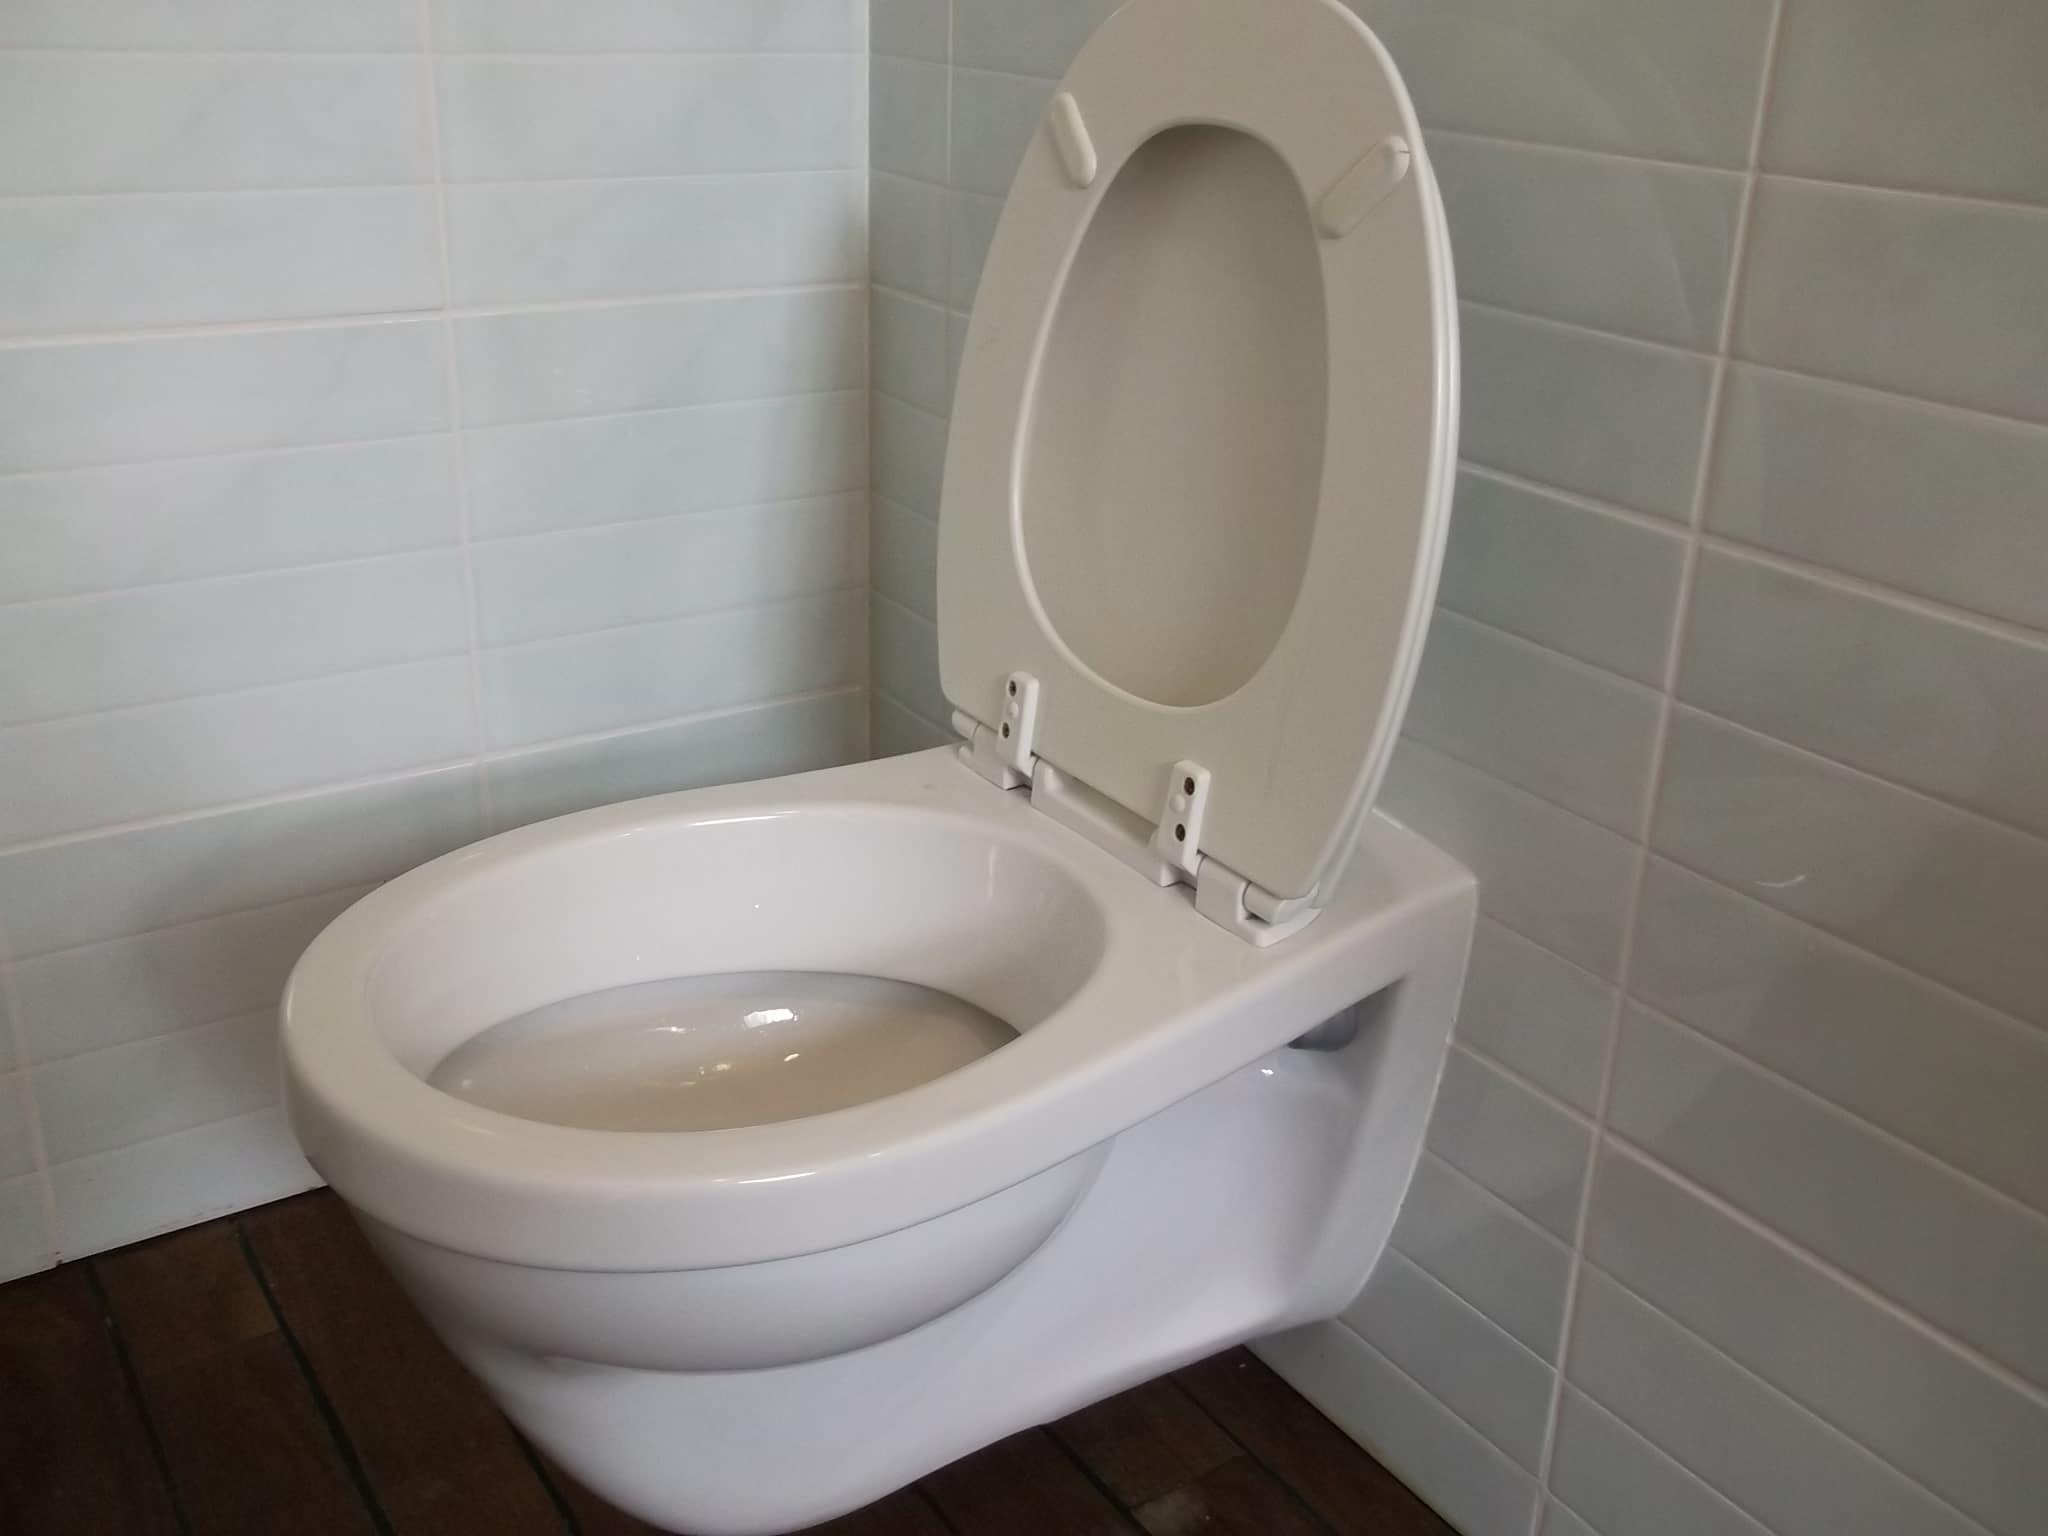 Falra szerelt wc csészék szerelése, javítása